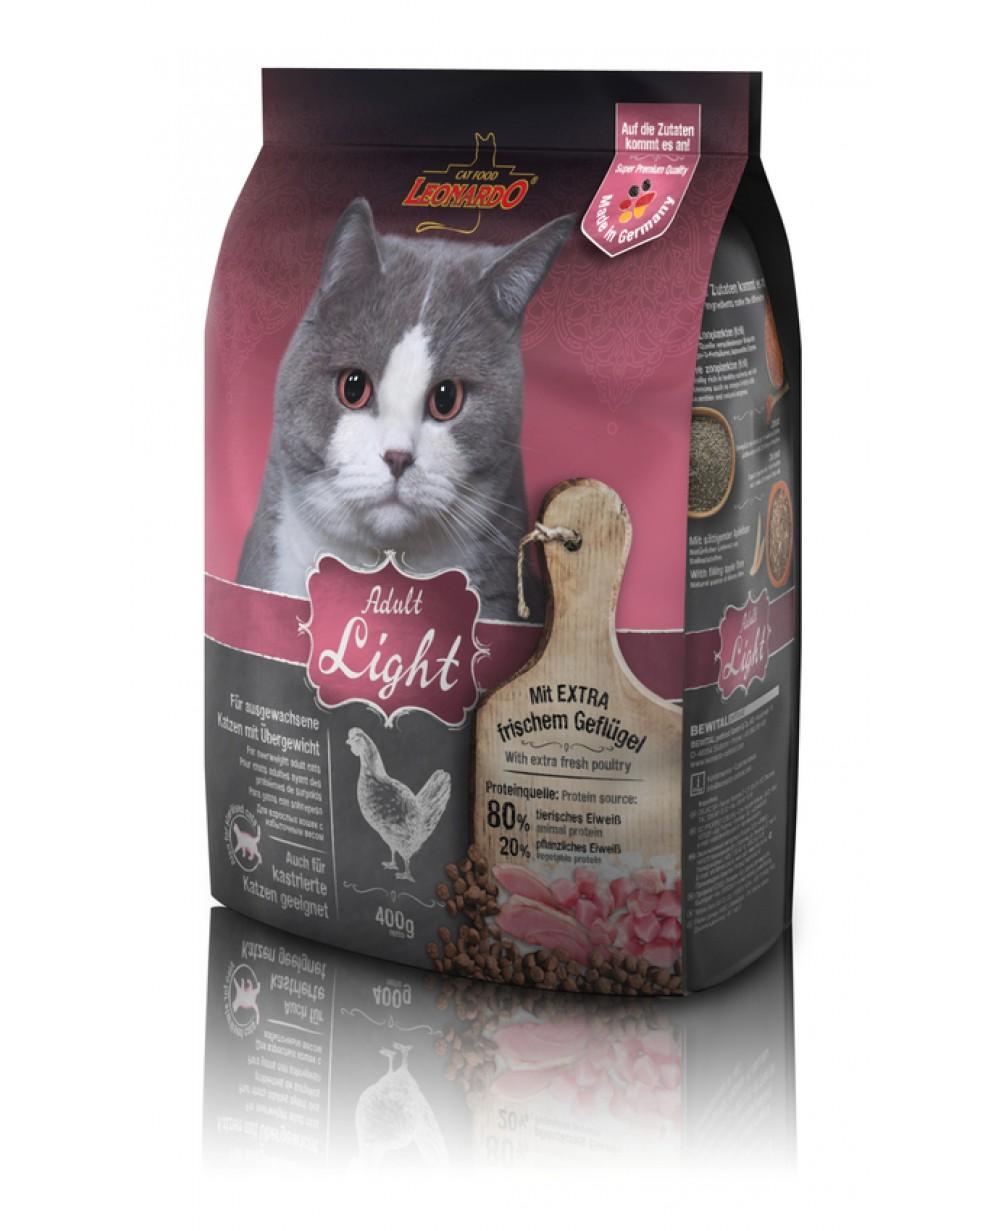 Leonardo light pienso para gatos esterilizados tropican - Alimento para gatos esterilizados ...